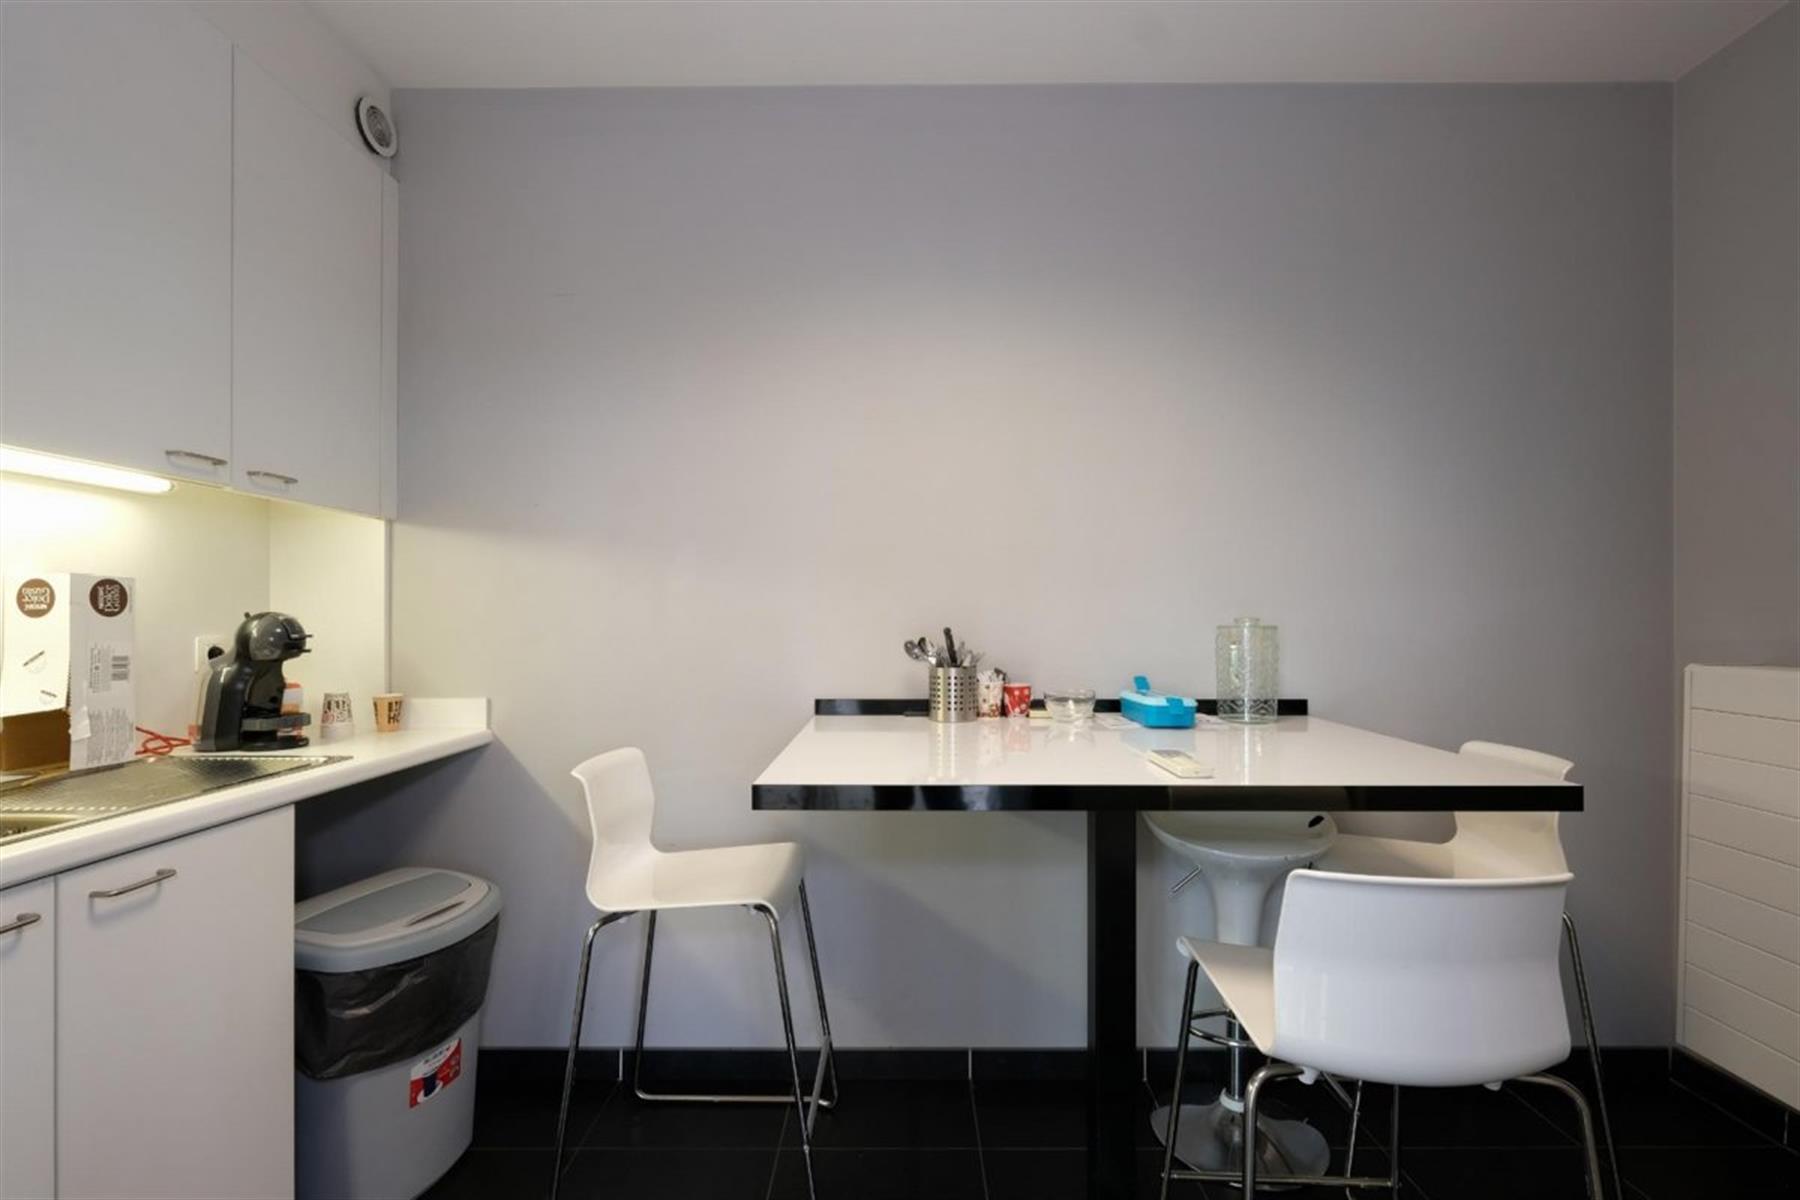 bedrijfsgebouw te koop I122 - Bedrijfsgebouw - Centrum-Zuid 3023 2, 3530 Houthalen-Helchteren, België 7